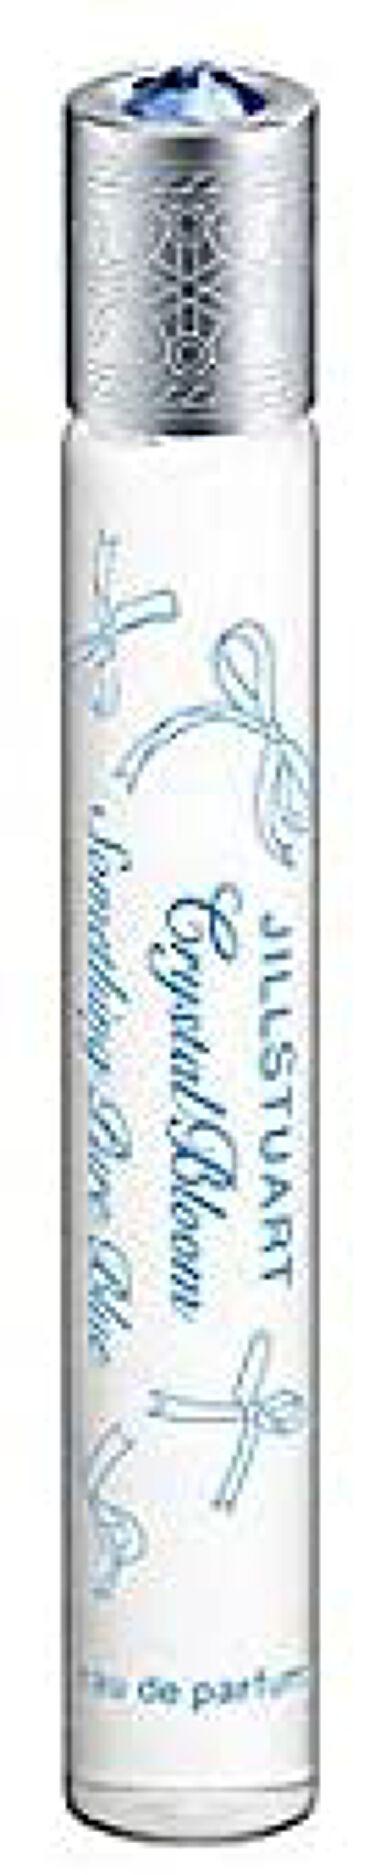 クリスタルブルーム サムシングピュアブルー オードパルファン ローラーボール 10ml